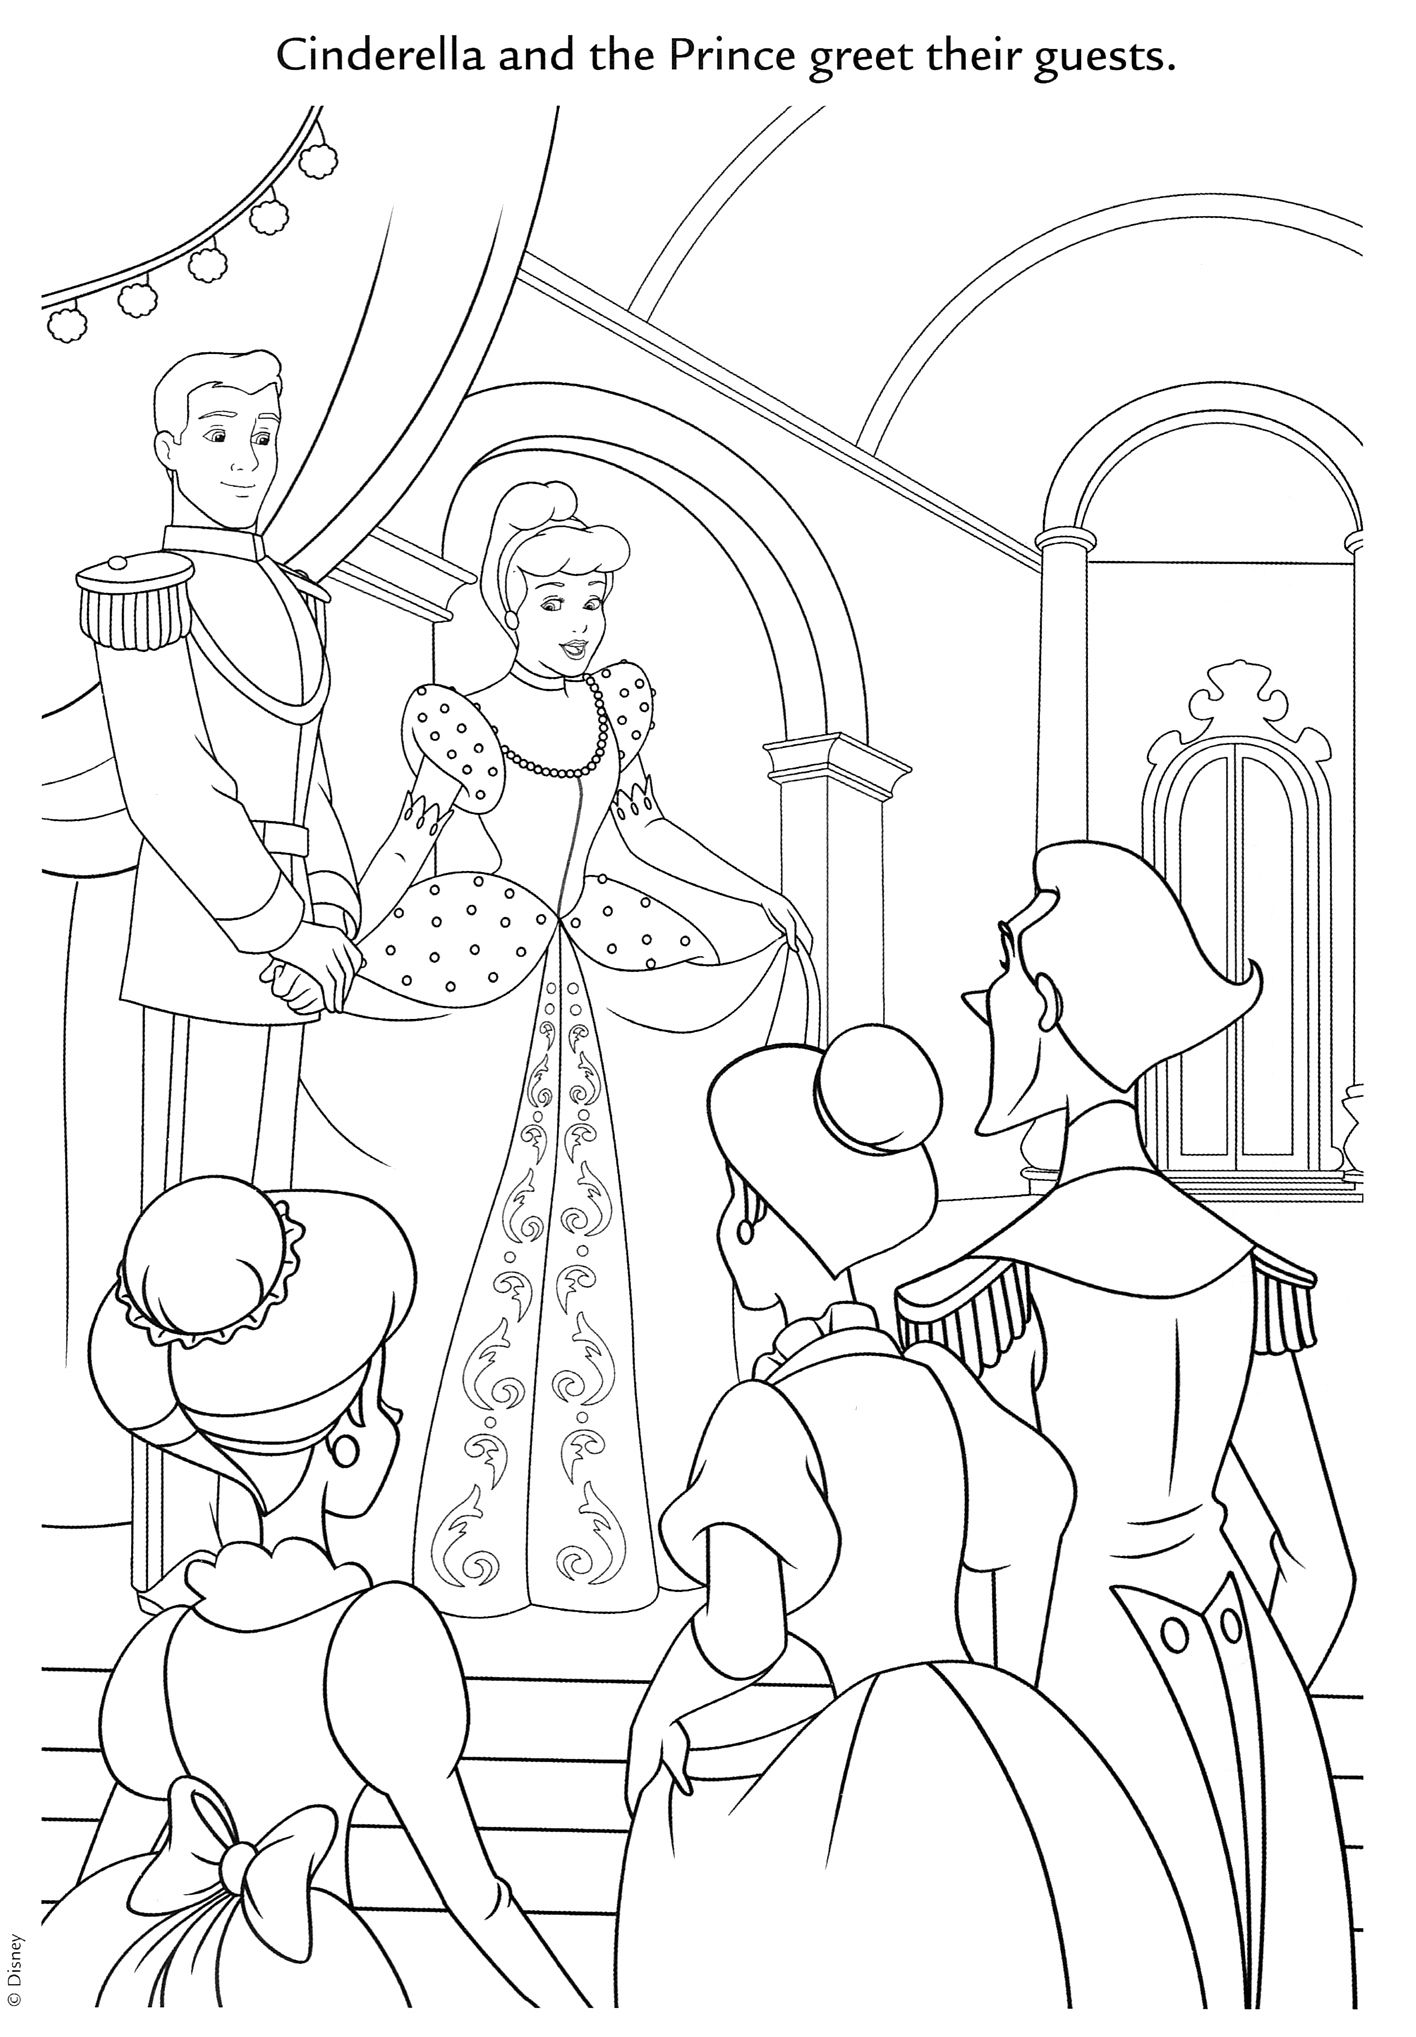 Disney Cinderella Coloring Page | Cinderella ~ Disney Coloring Pages ...